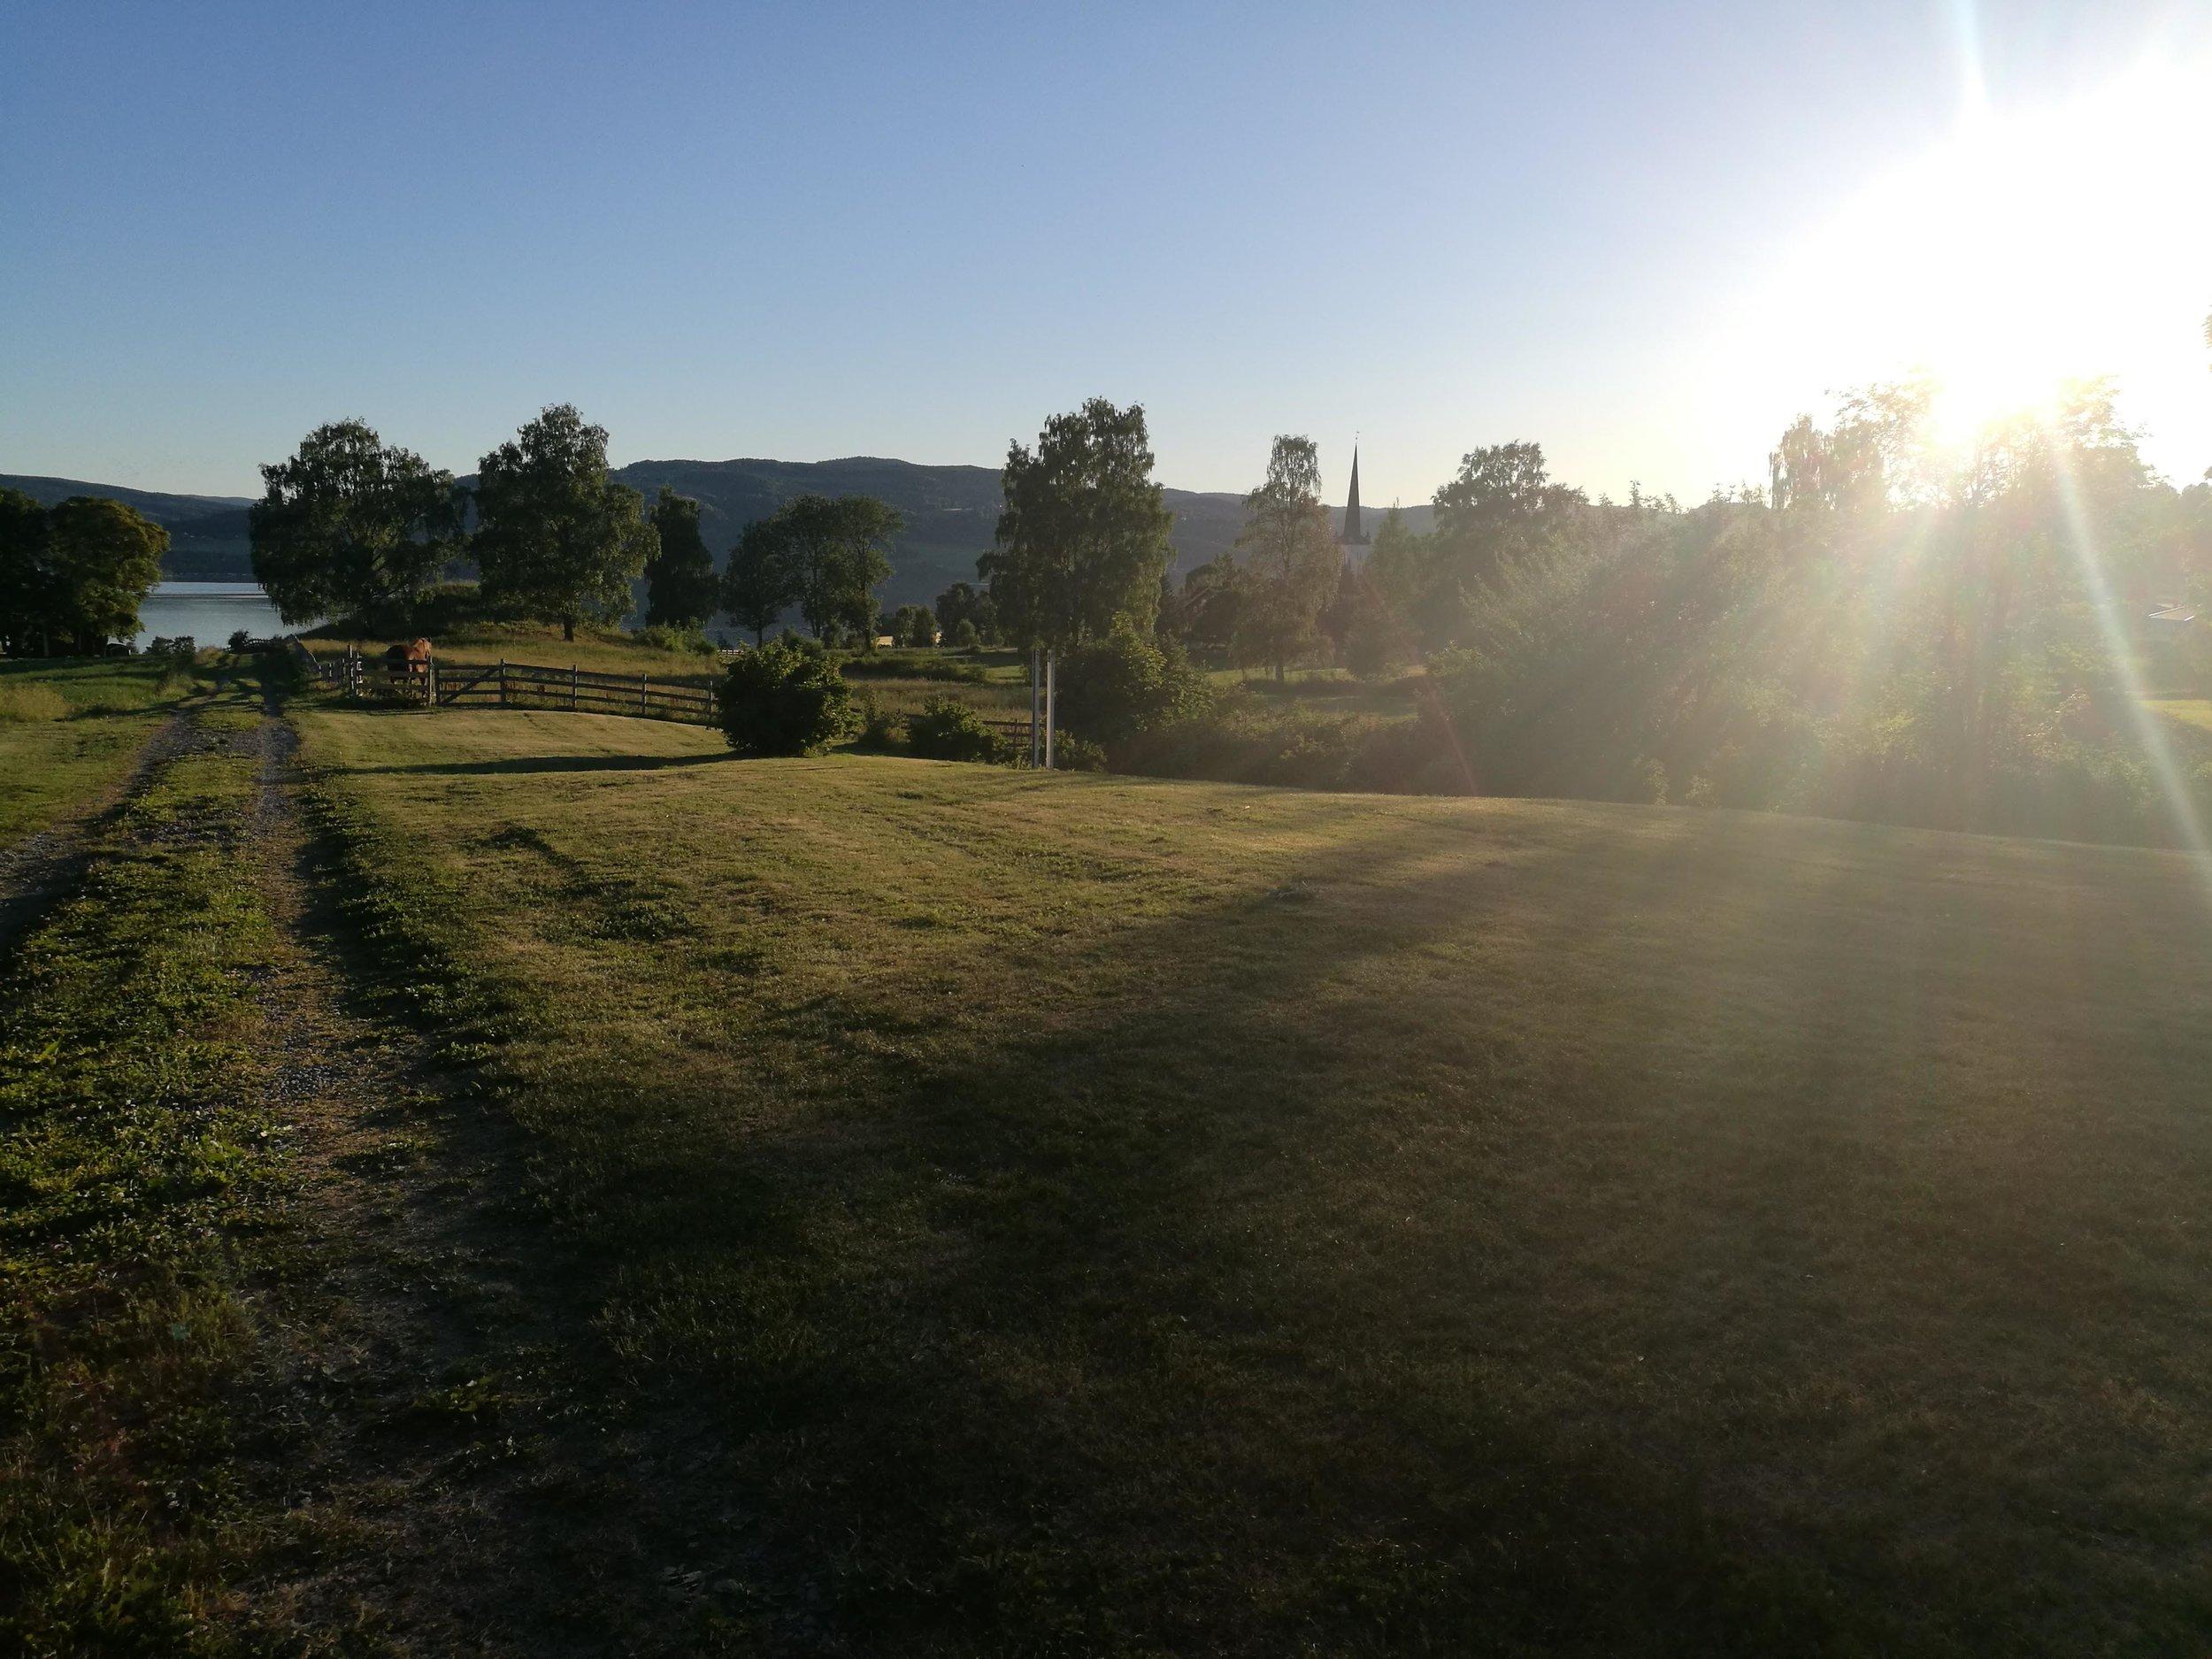 På juni sin siste dag var jeg på en middag på Sveinhaug gård, middag var en åpning av Mjøsgårdene sommeren 2018. En fantastisk opplevelse, langbord dekket til 100 personer ute på en gård, kun lokaldyrket mat. Jeg var fotograf og skal selvfølgelig vise dere bilder fra dette etterhvert også!